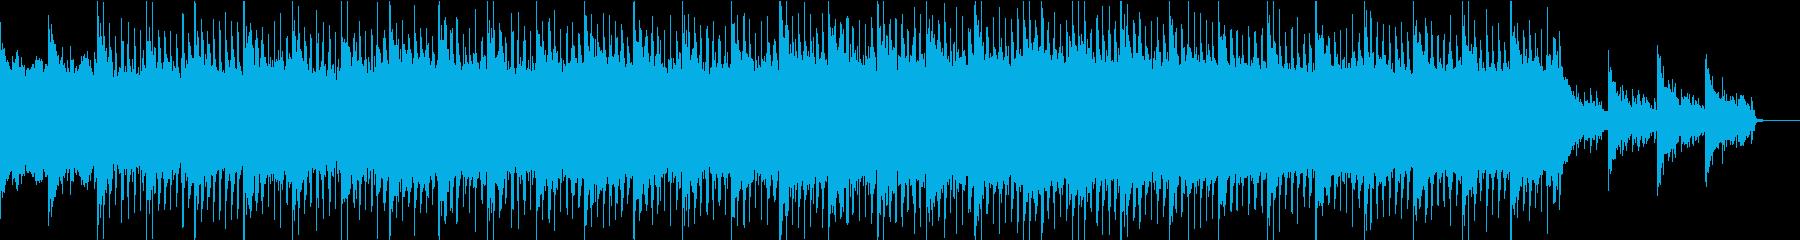 琴と尺八のエレクトロの再生済みの波形